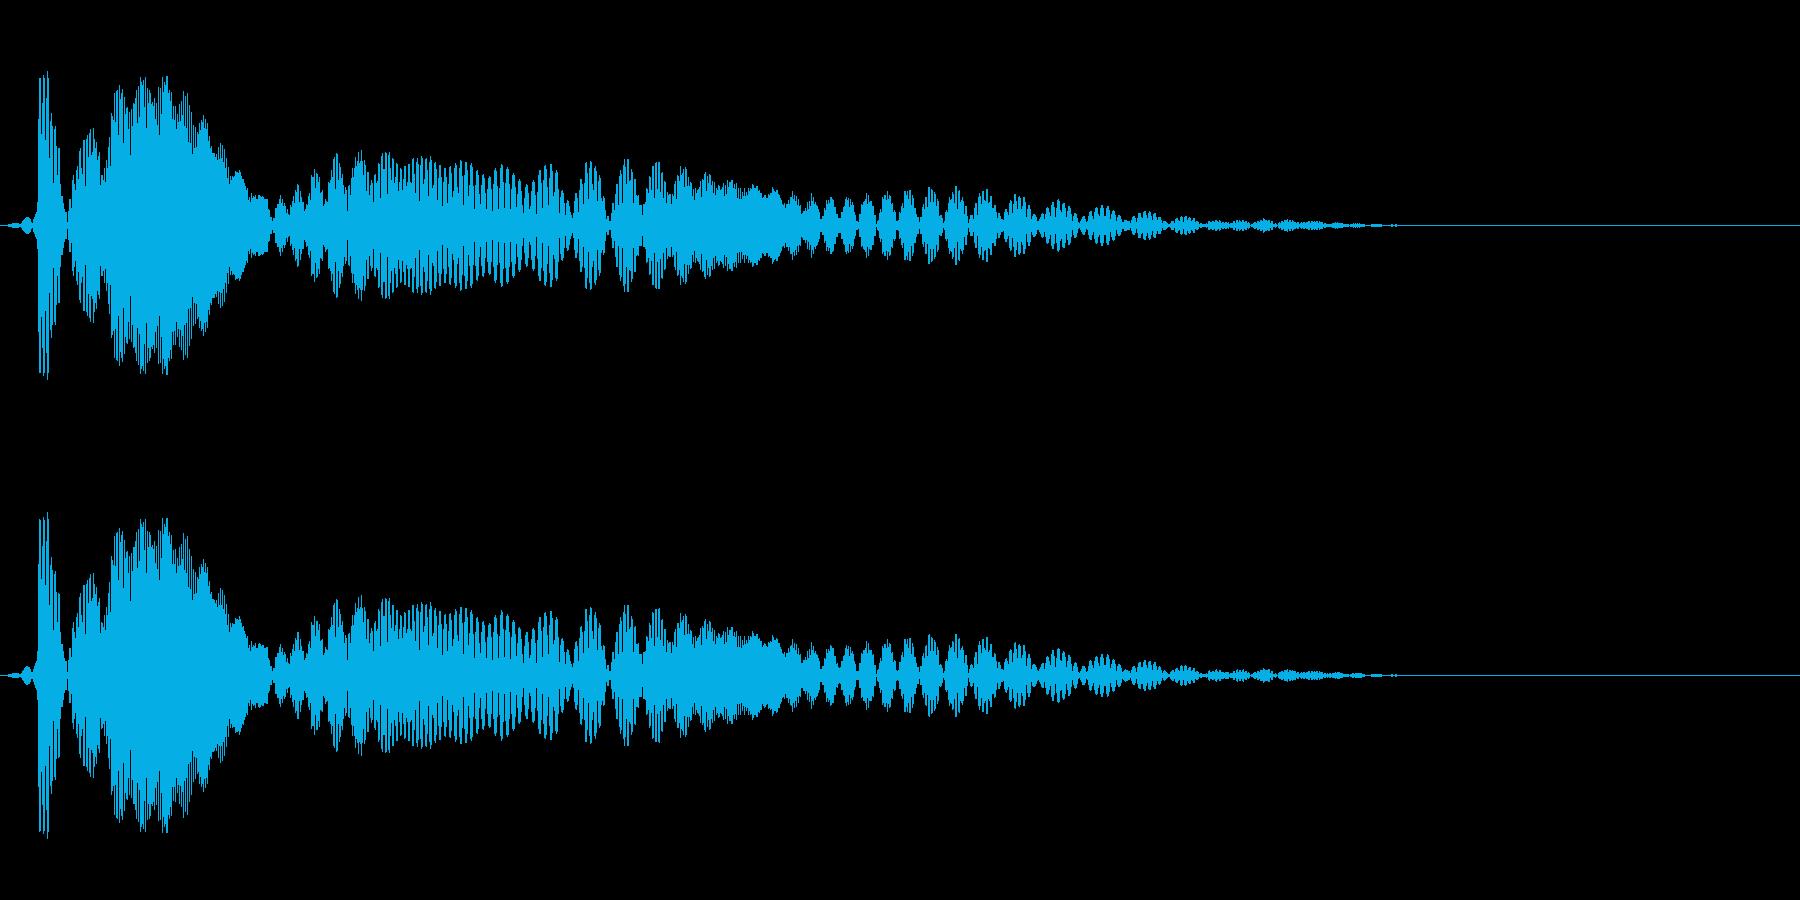 プワァワワン(登場や退場に)の再生済みの波形